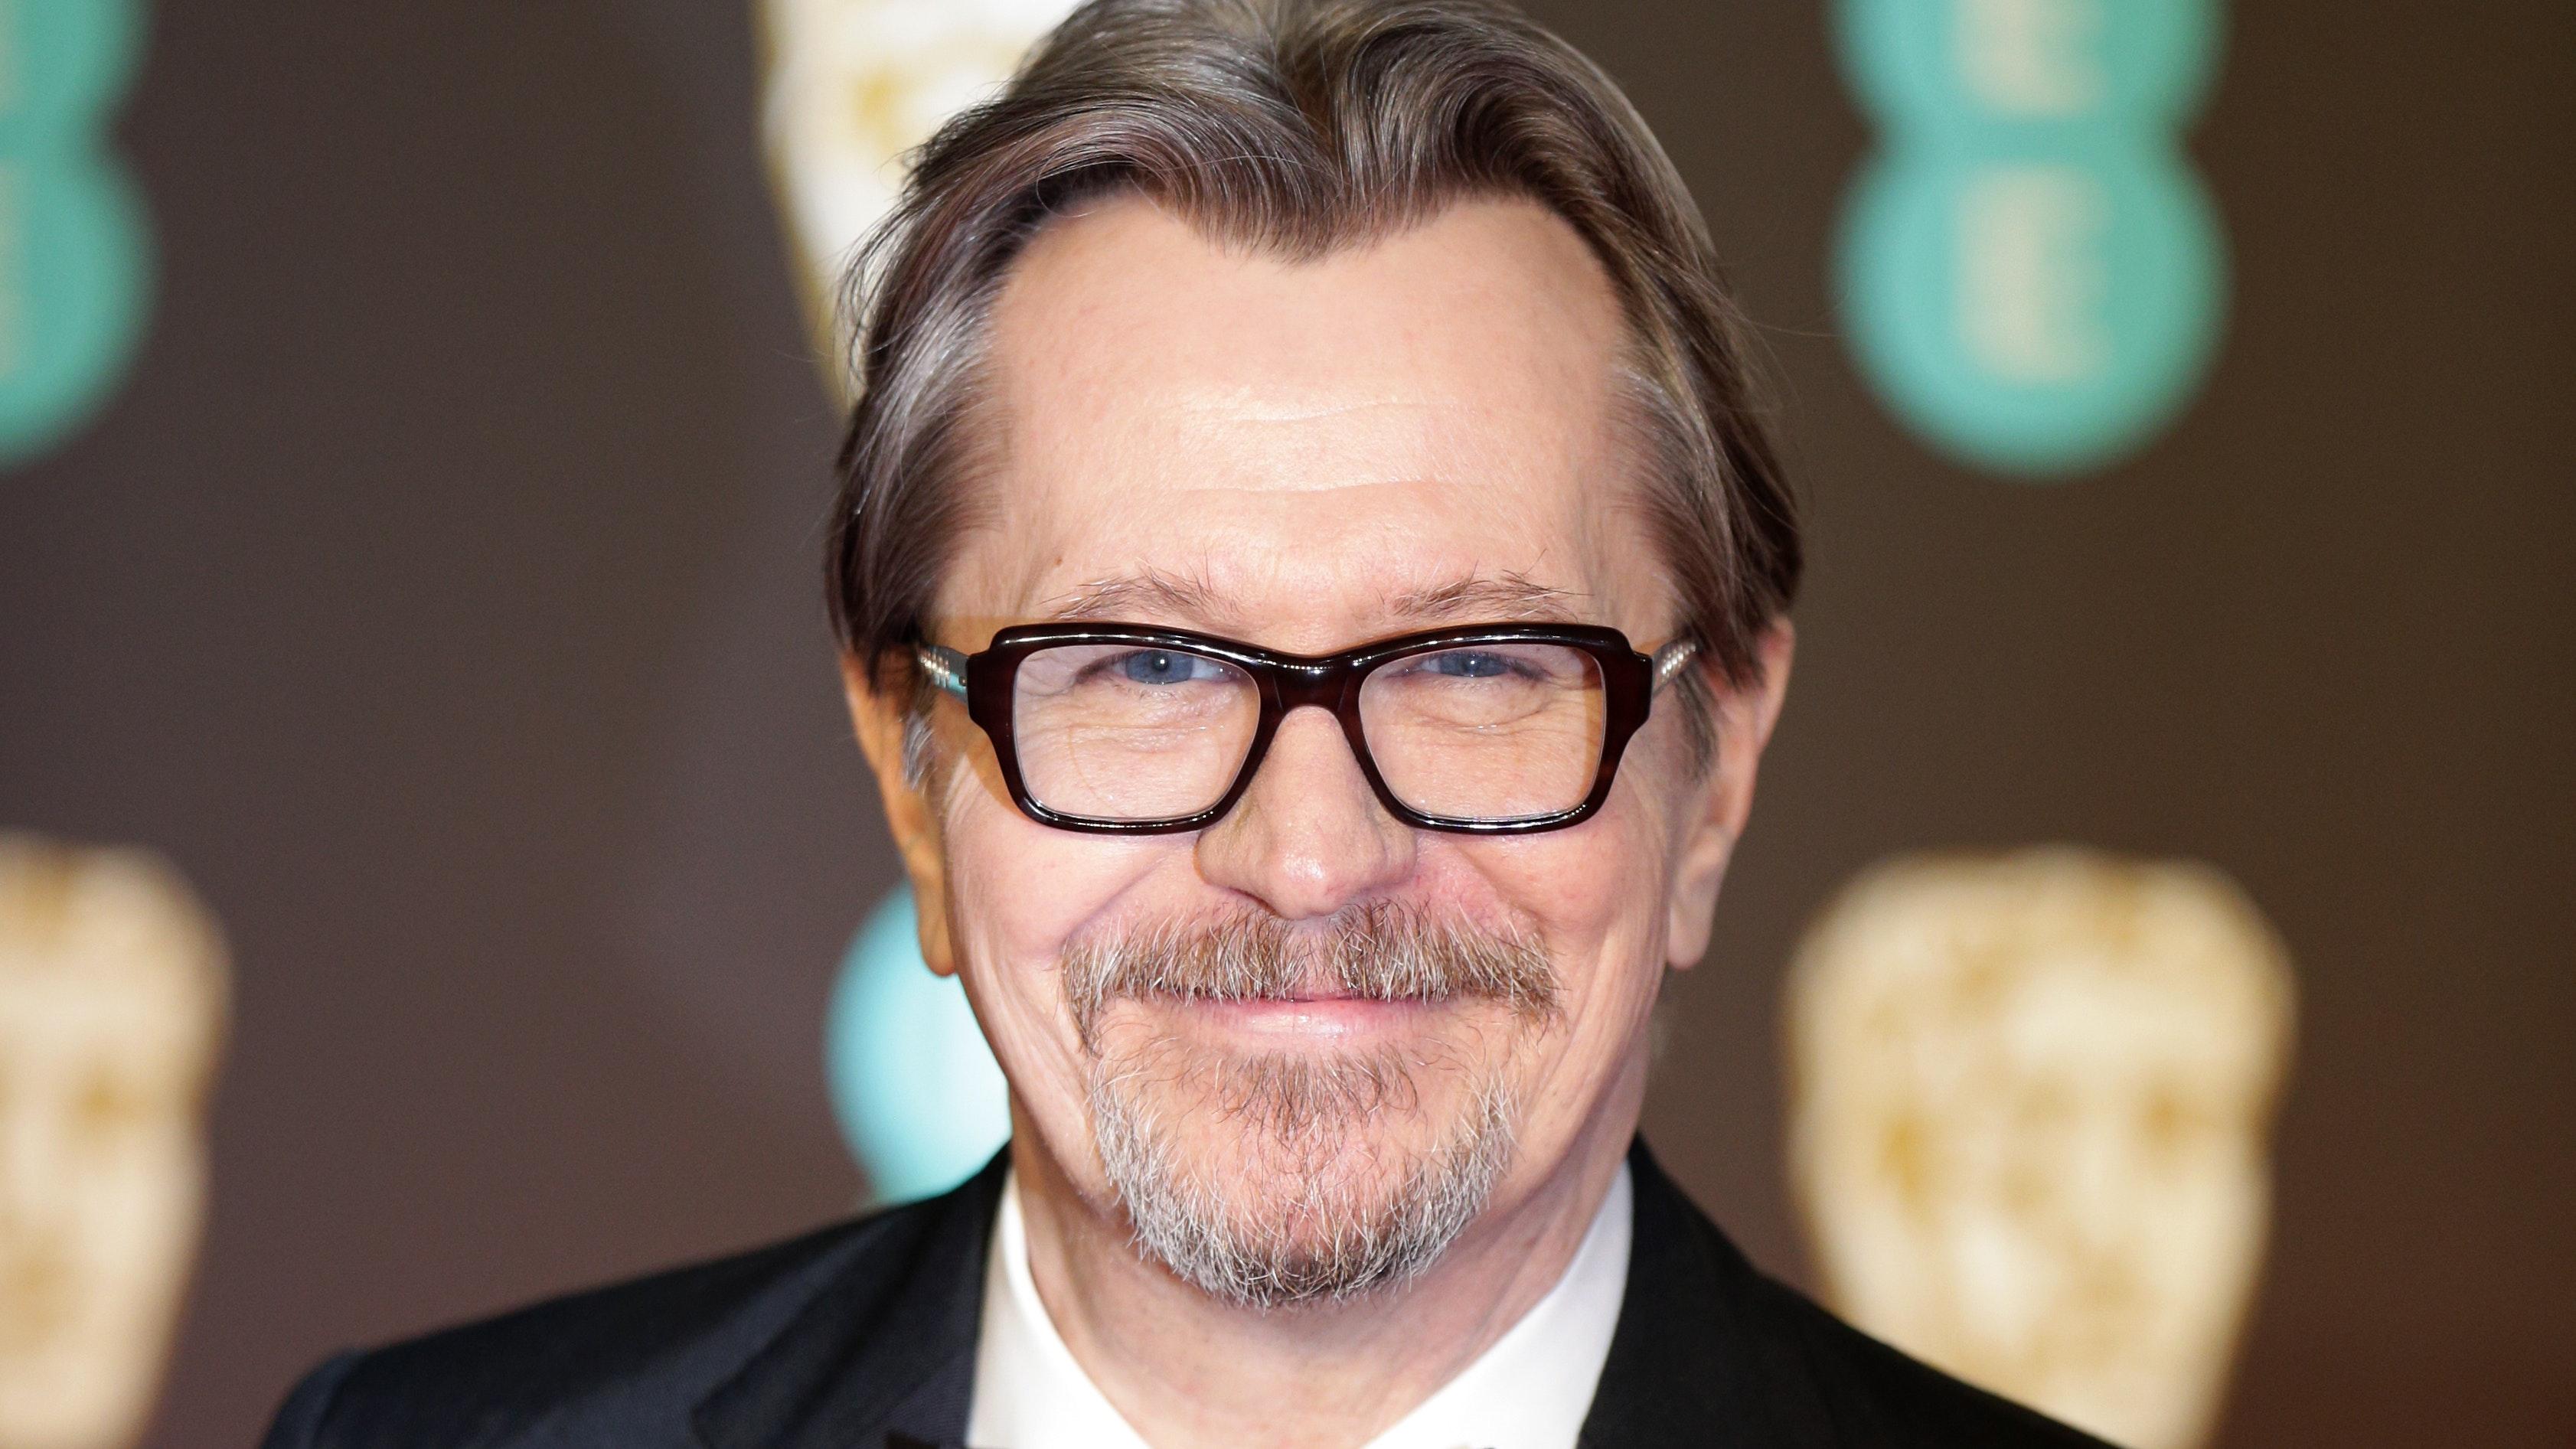 It's Confirmed! - Stars Will Wear Black At BAFTA Awards